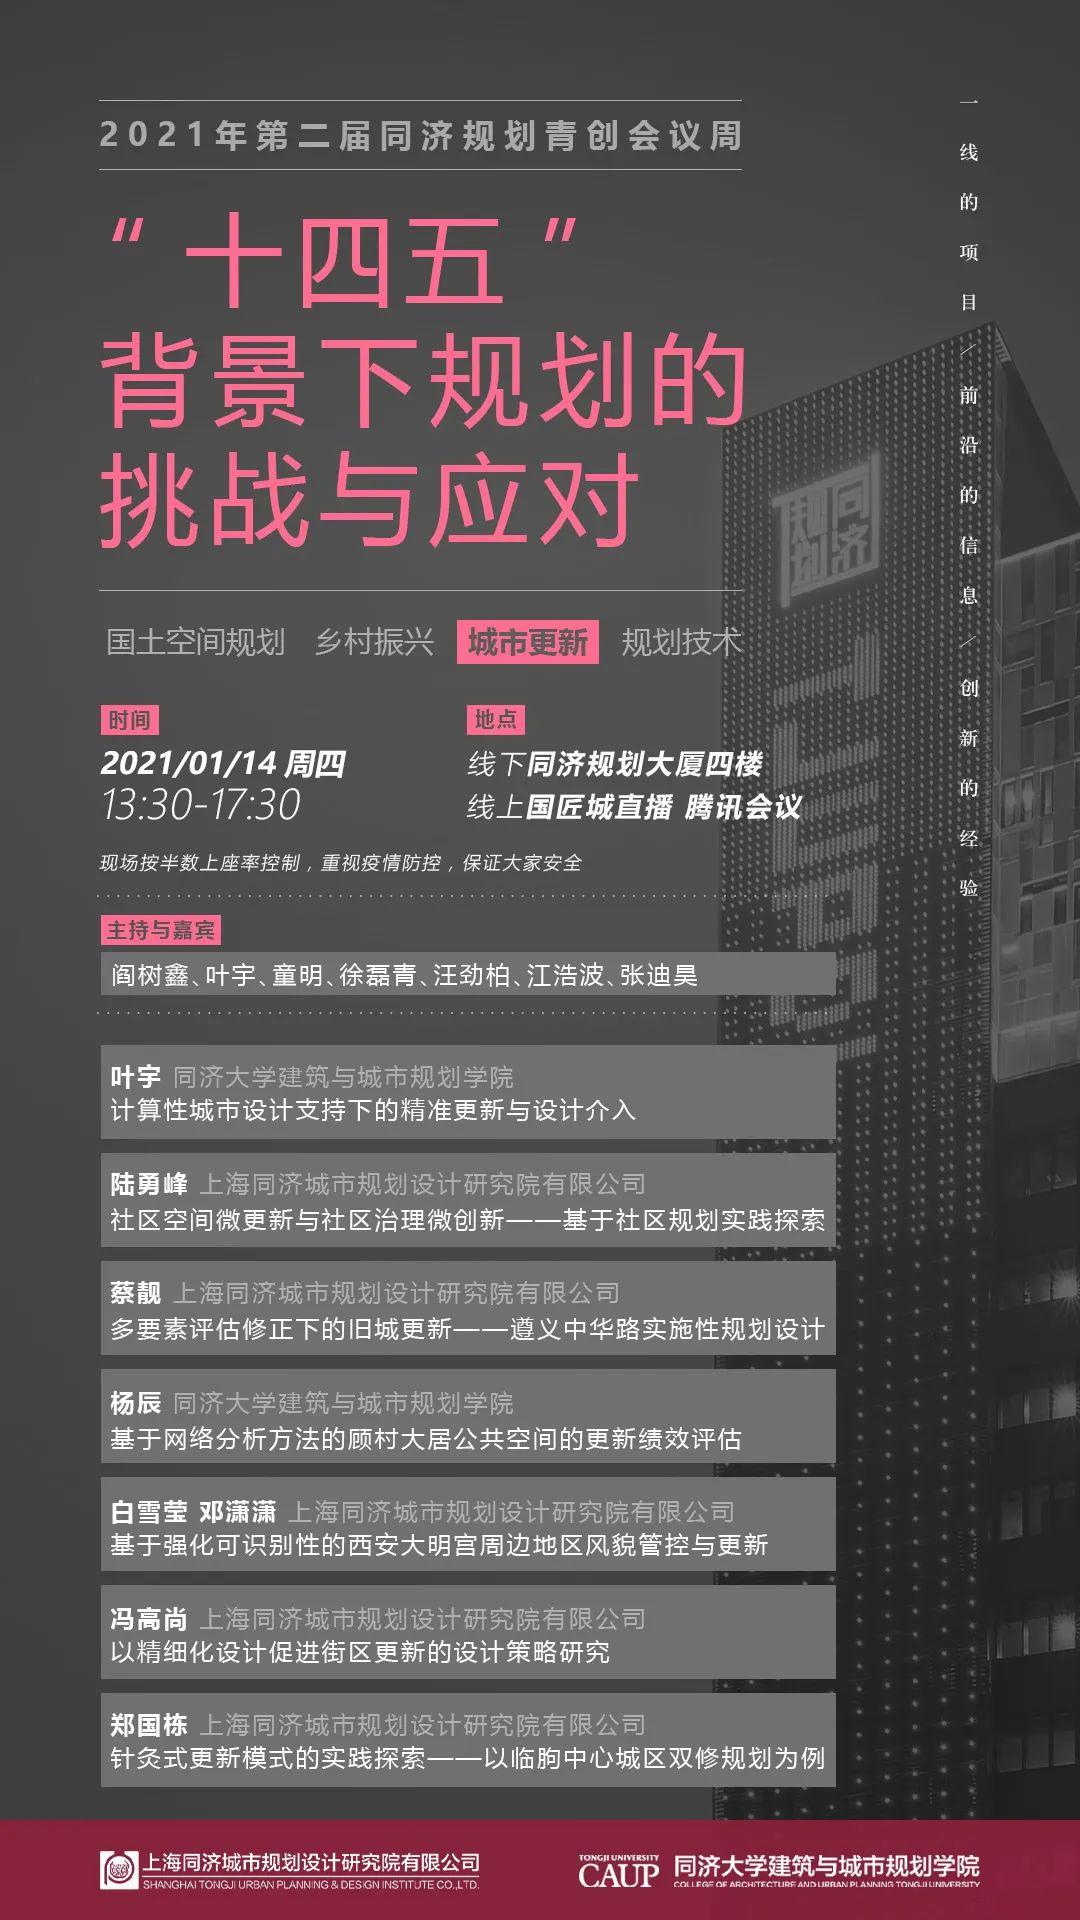 直播预告:周四下午,城市更新专题,2021年第二届同济规划青创会议周